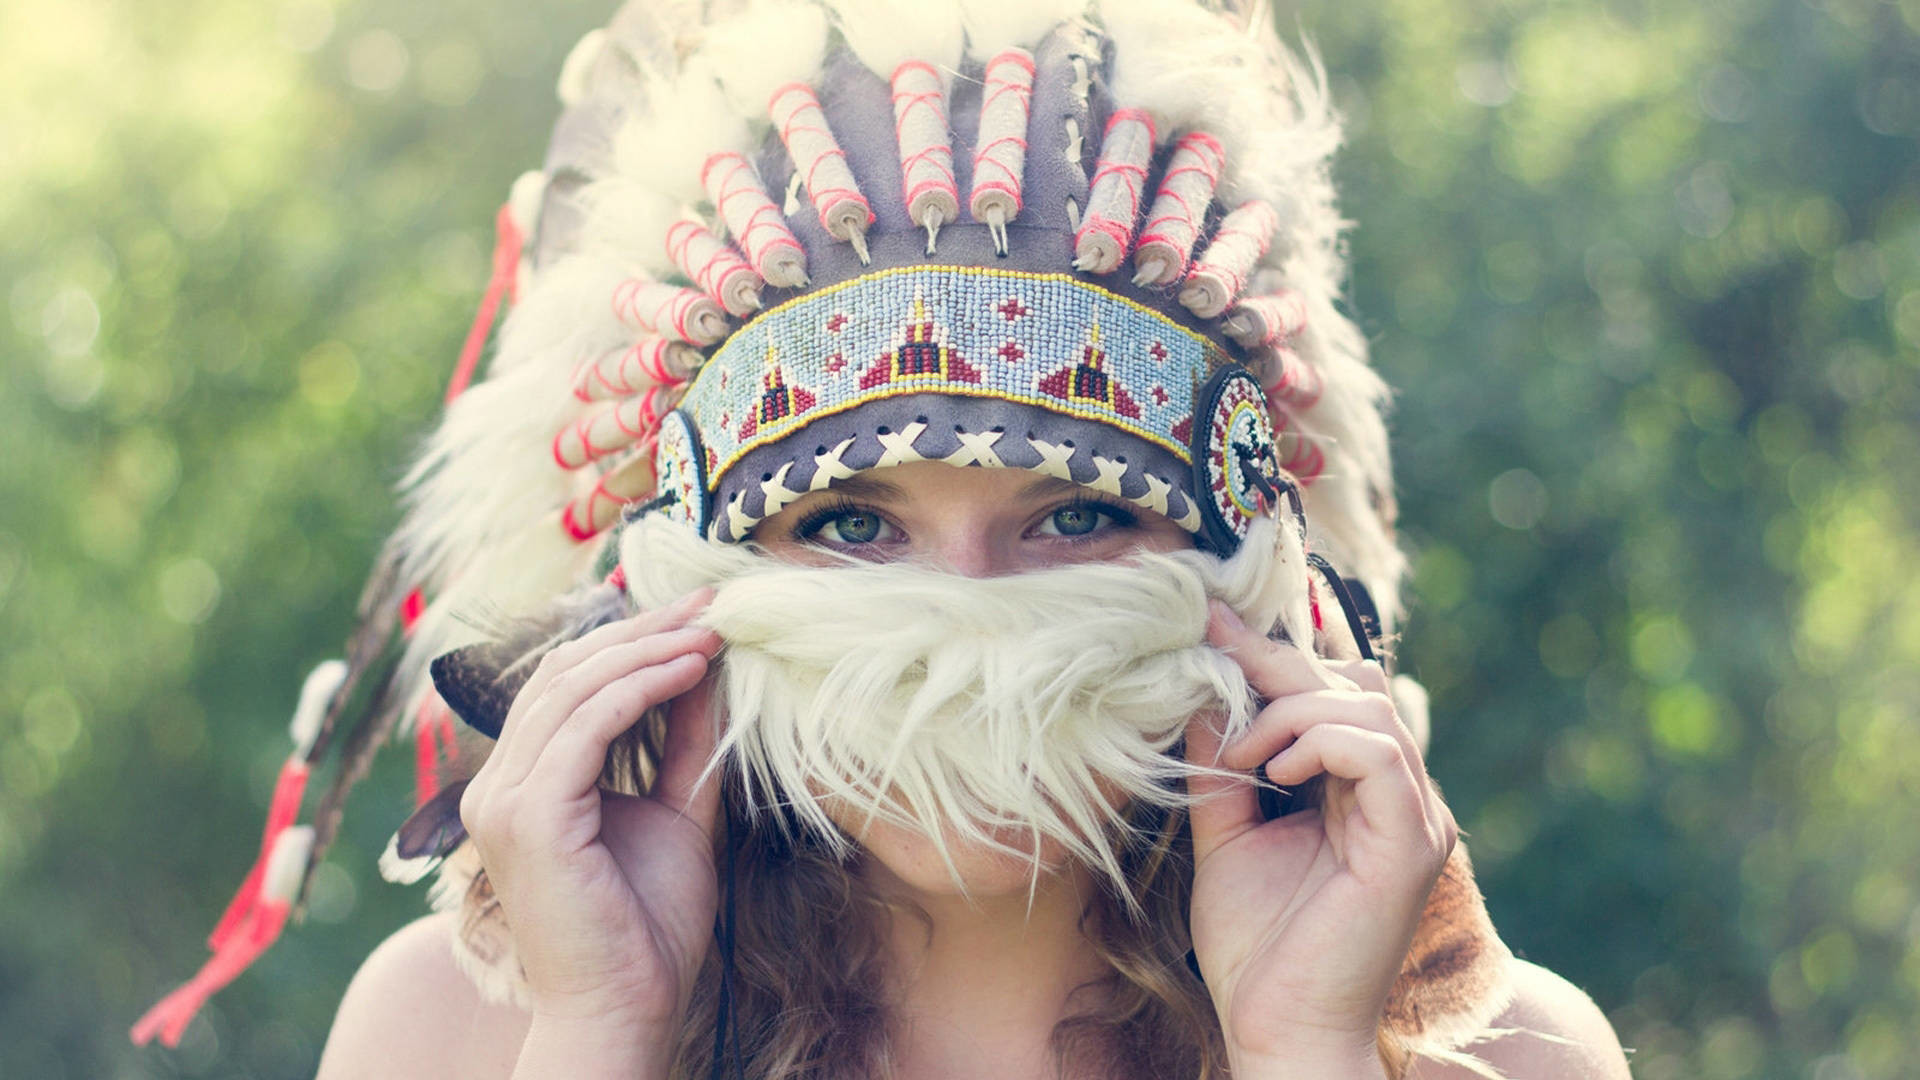 Headdress Girl Wallpapers